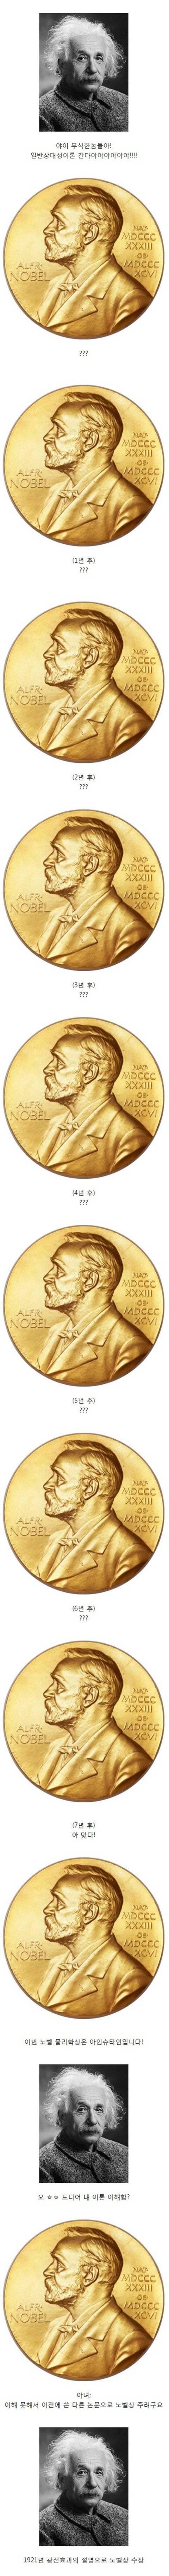 최고 업적으로도 노벨상을 받을 수 없었던 이유 .jpg | 인스티즈